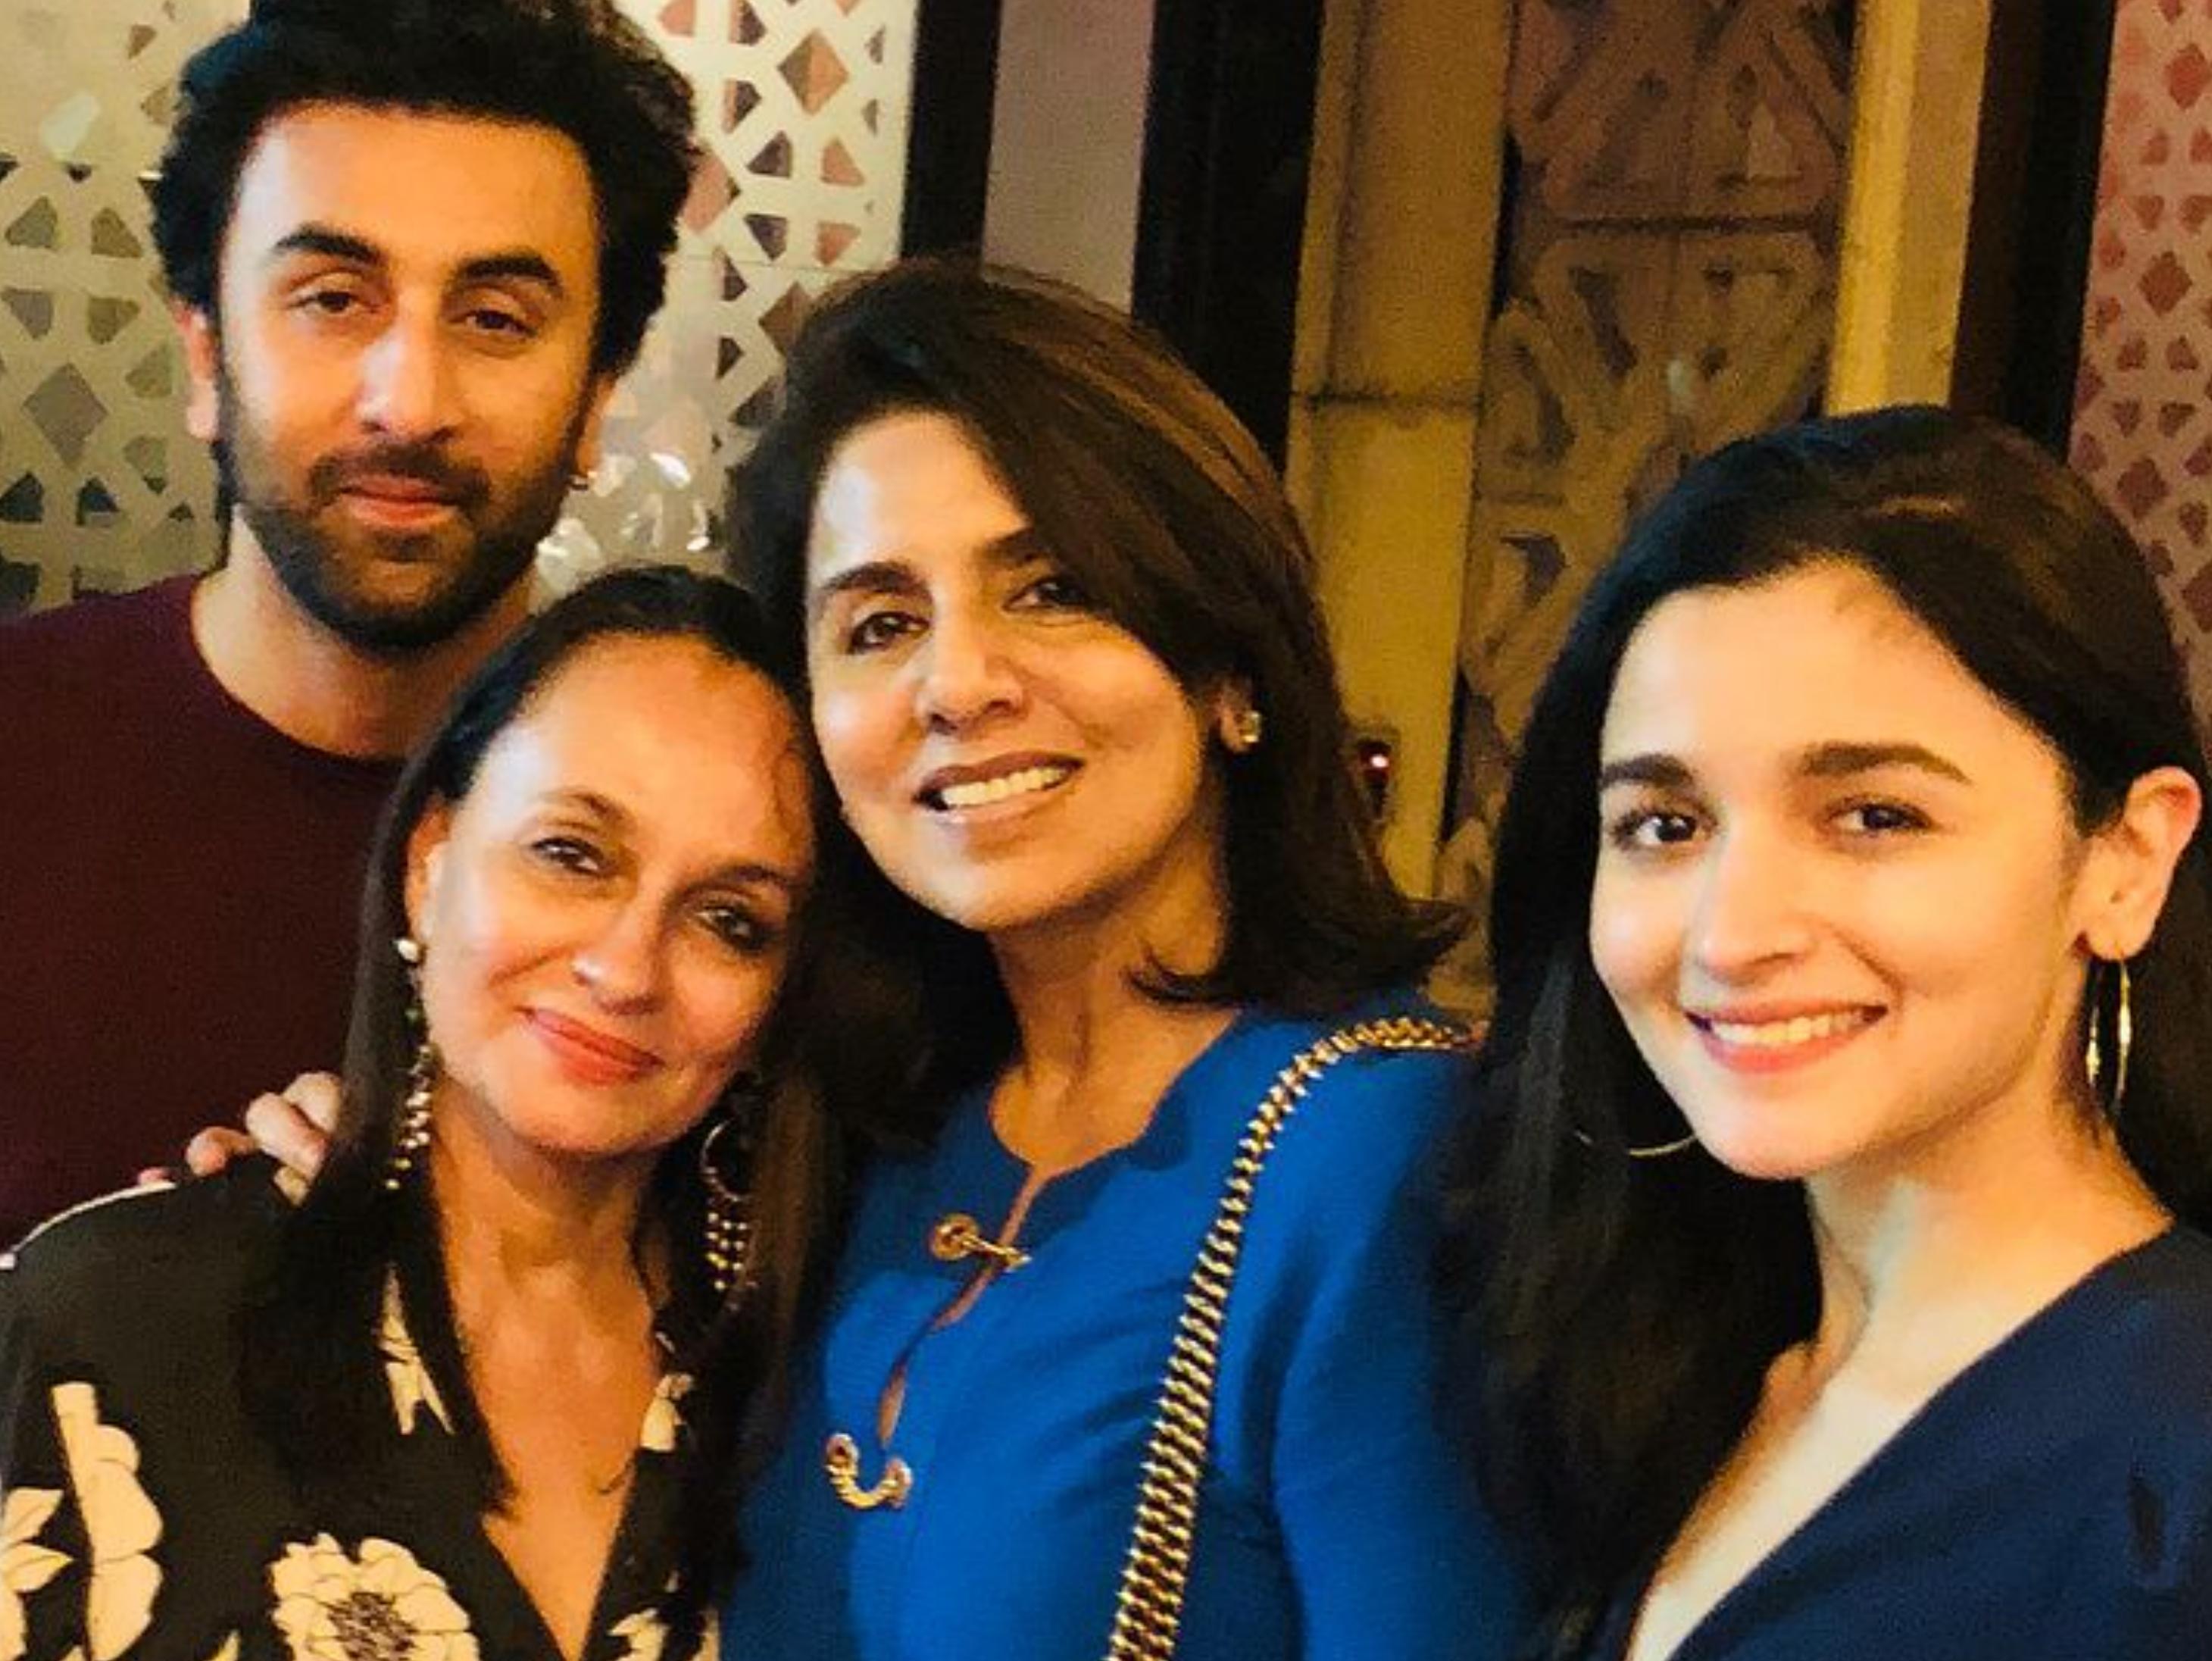 रणबीर कपूर की बहन रिद्धिमा ने किया खुलासा- अपनी बहू को लाड़ में बिगाड़ देंगी लेकिन उसे रानी की तरह रखेंगी नीतू|बॉलीवुड,Bollywood - Dainik Bhaskar